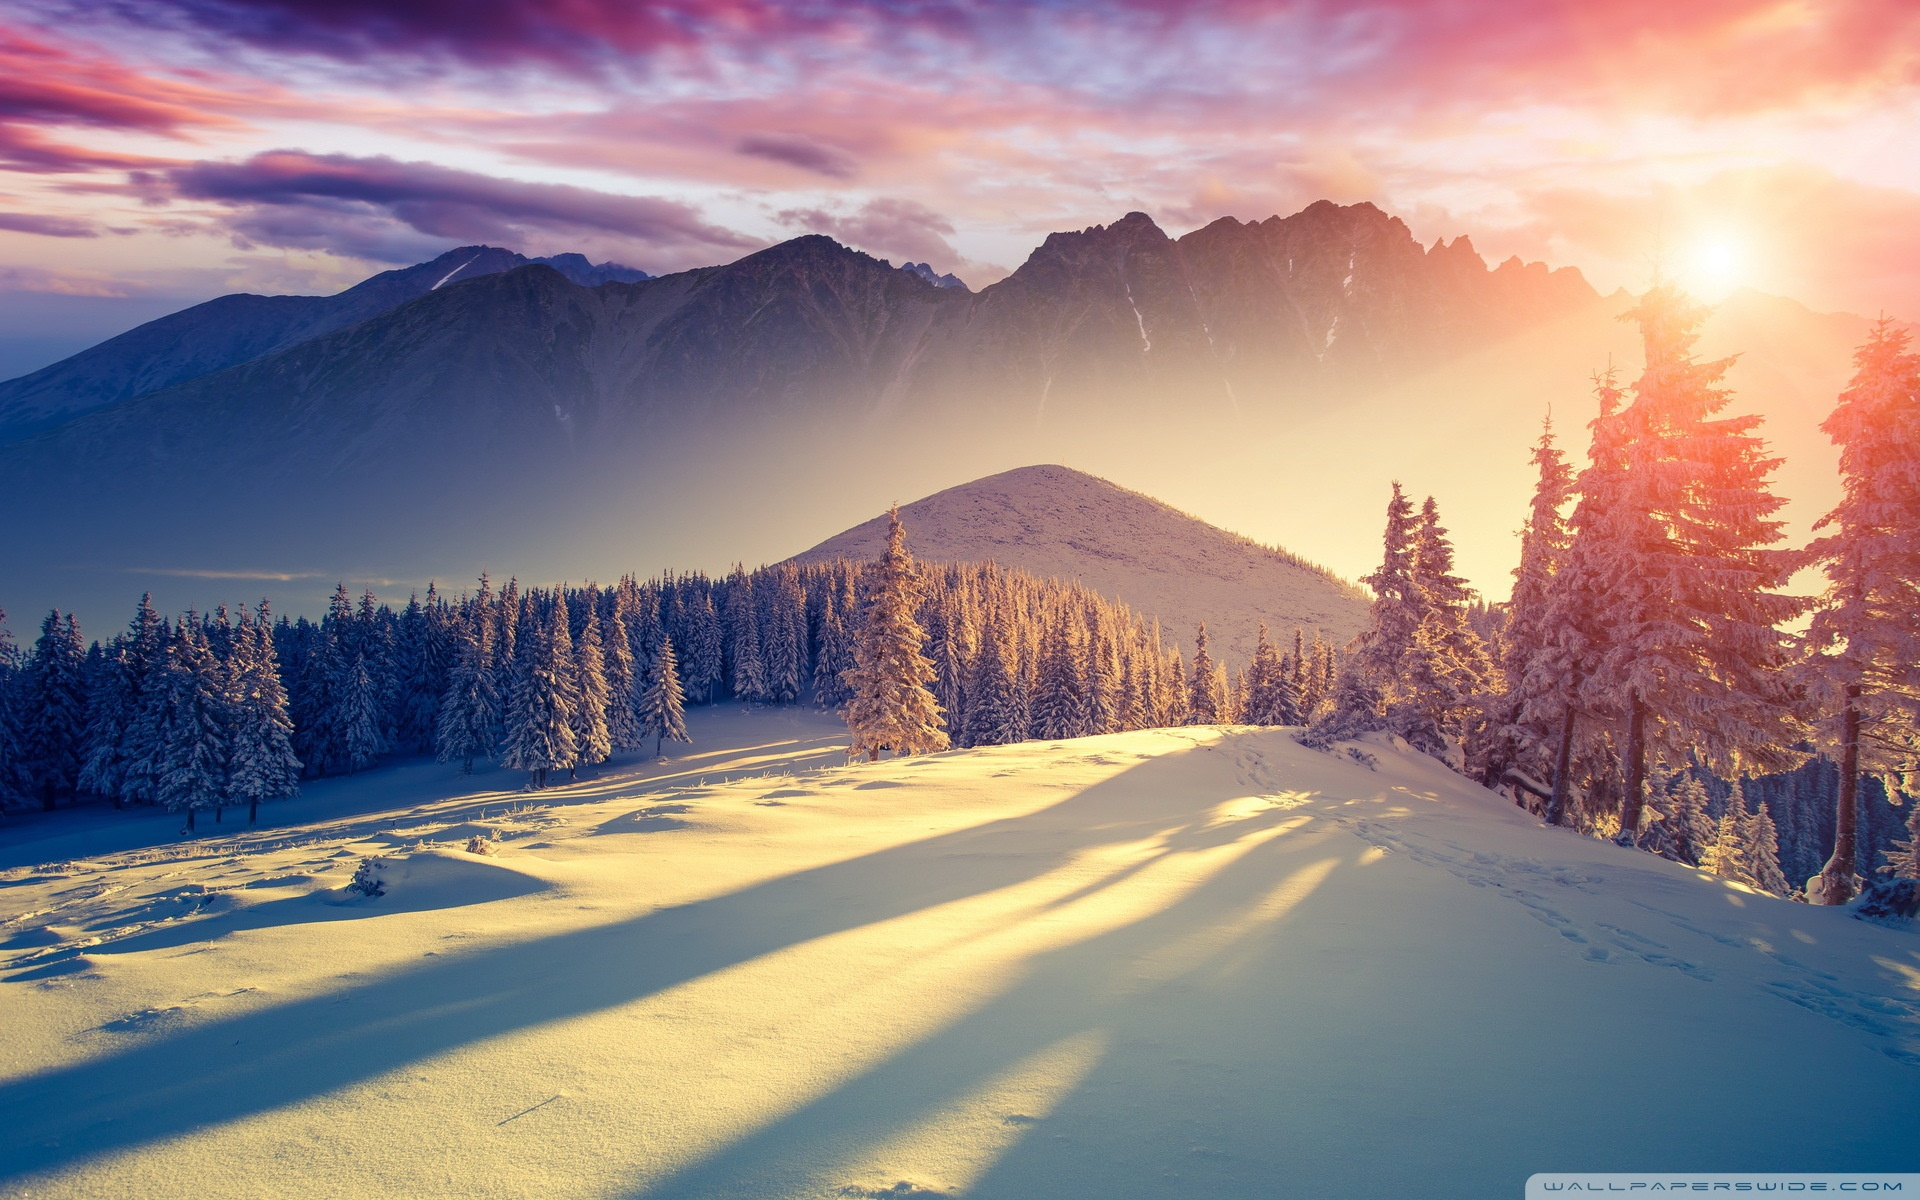 ảnh đẹp mùa đông không lạnh